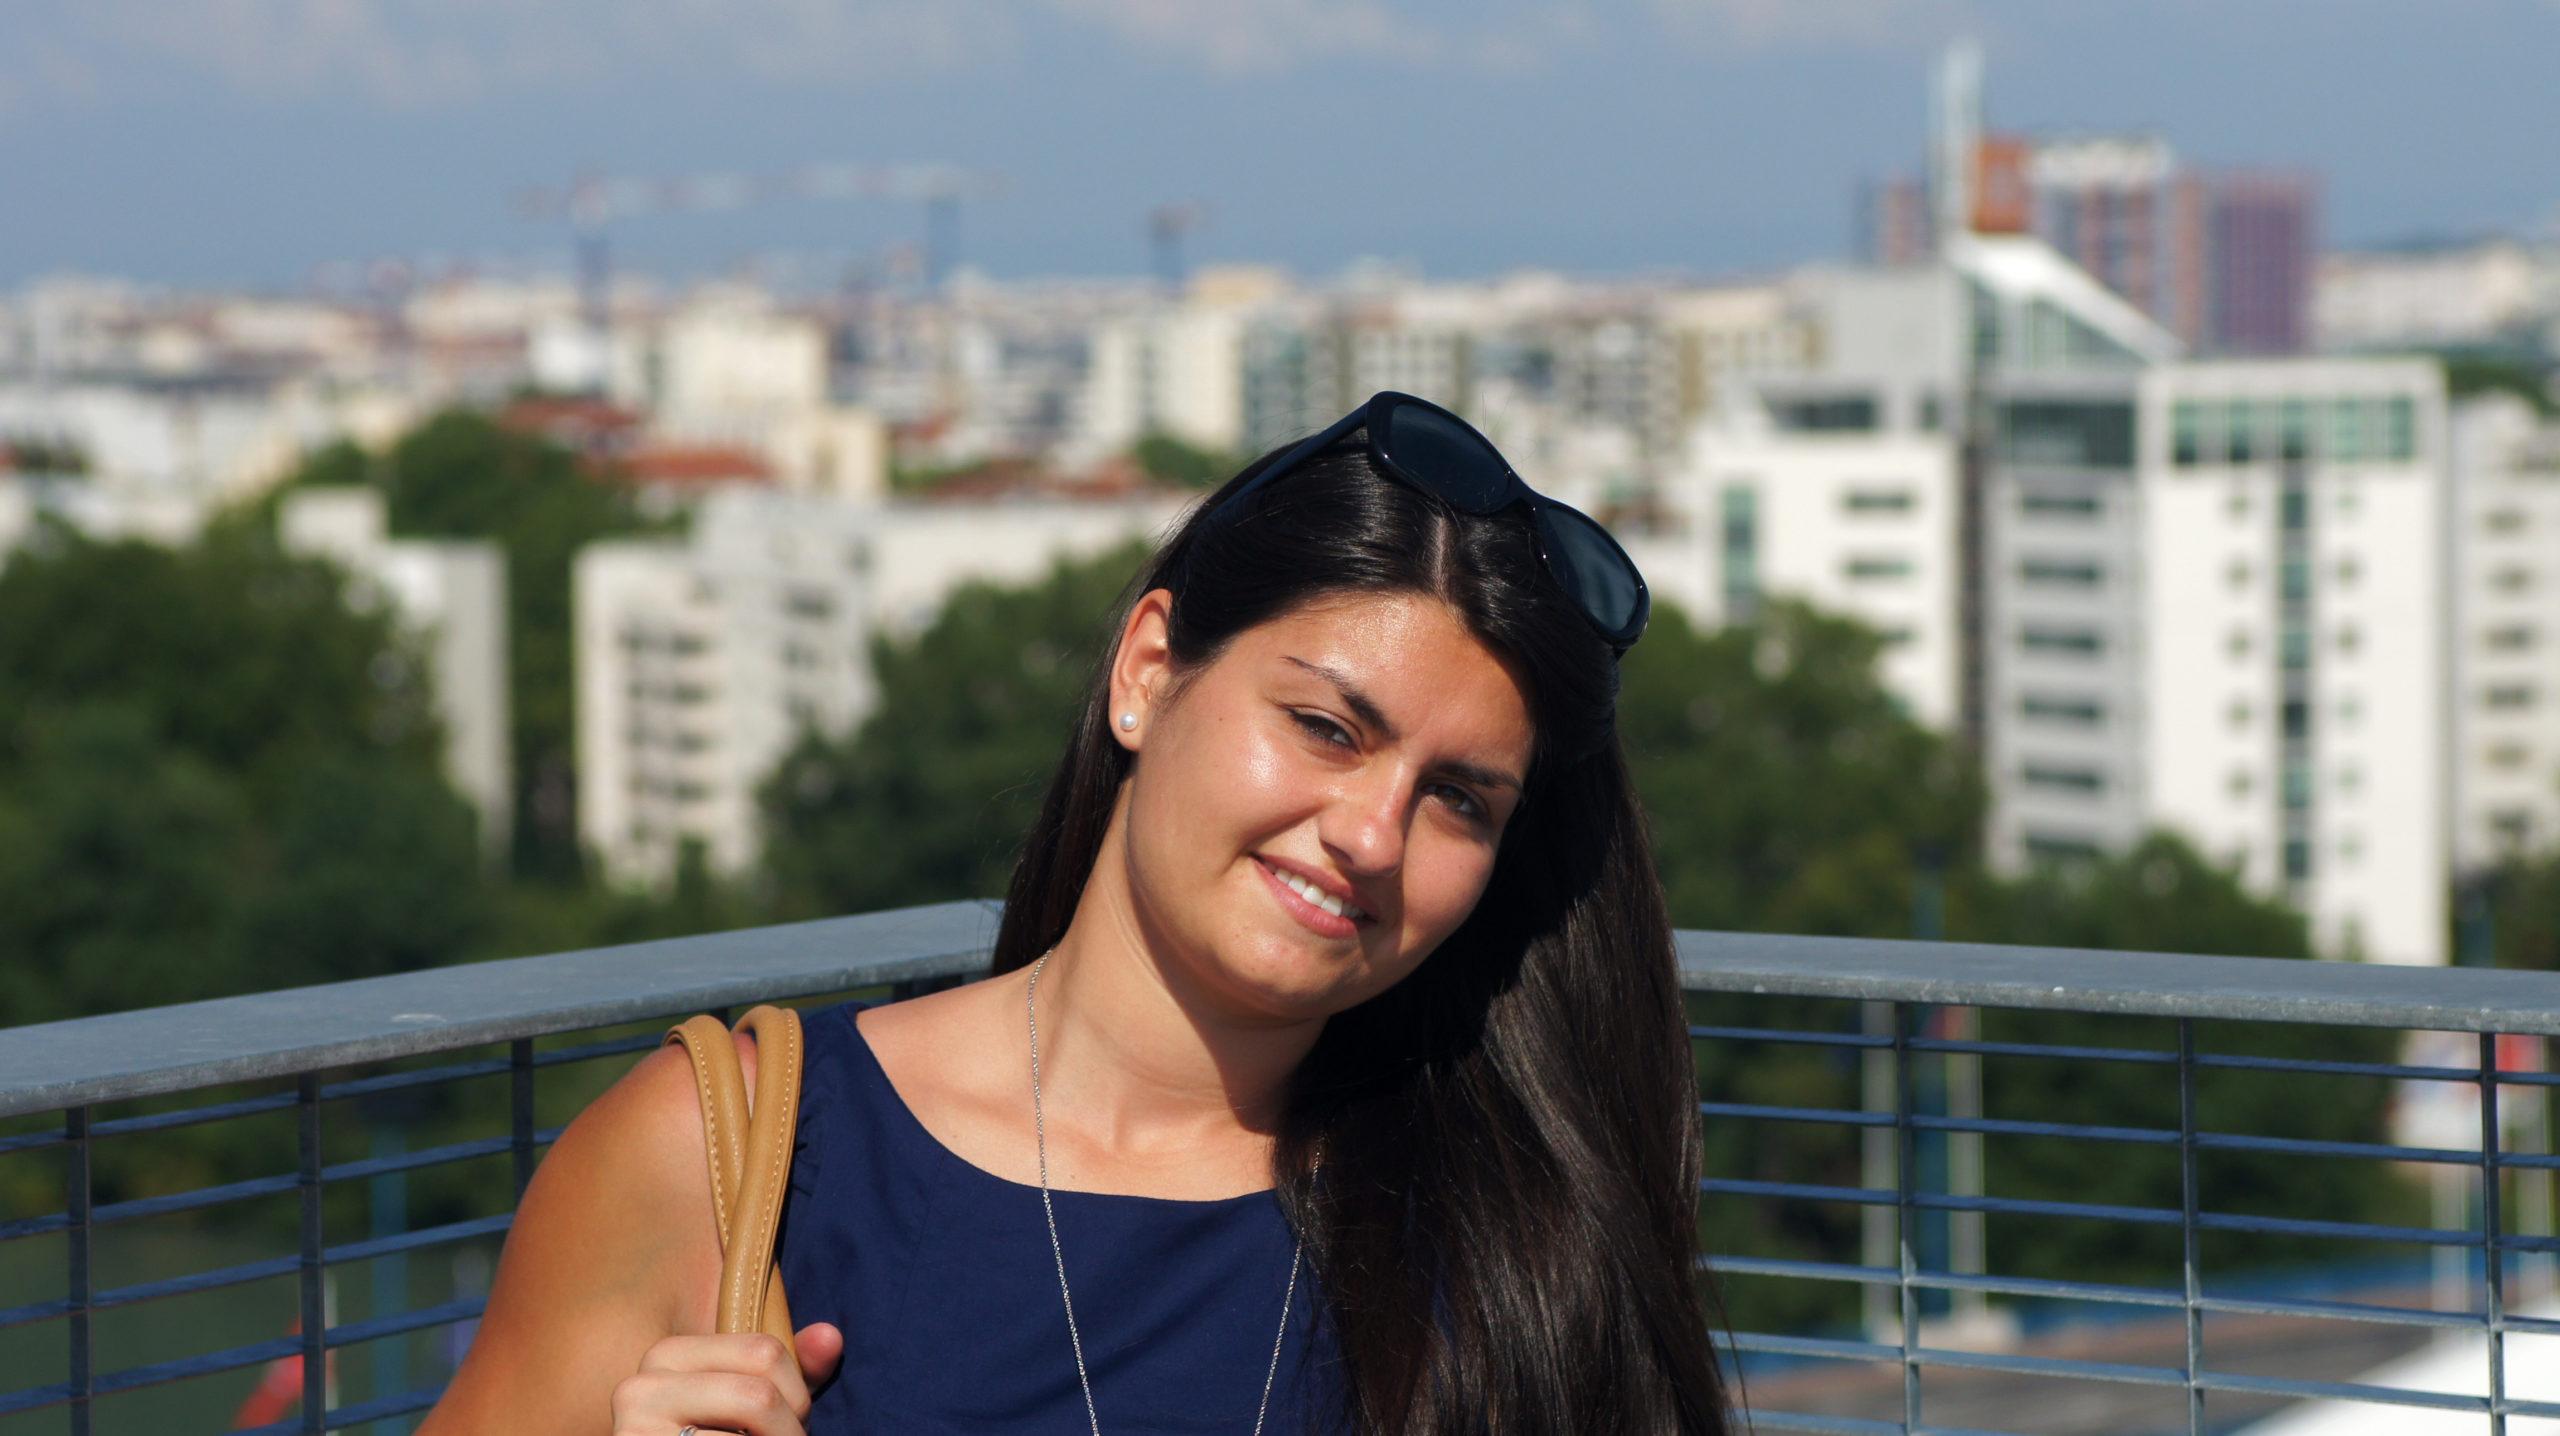 Céline Rigot architecte d'intérieur décoratrice diplômée edaic